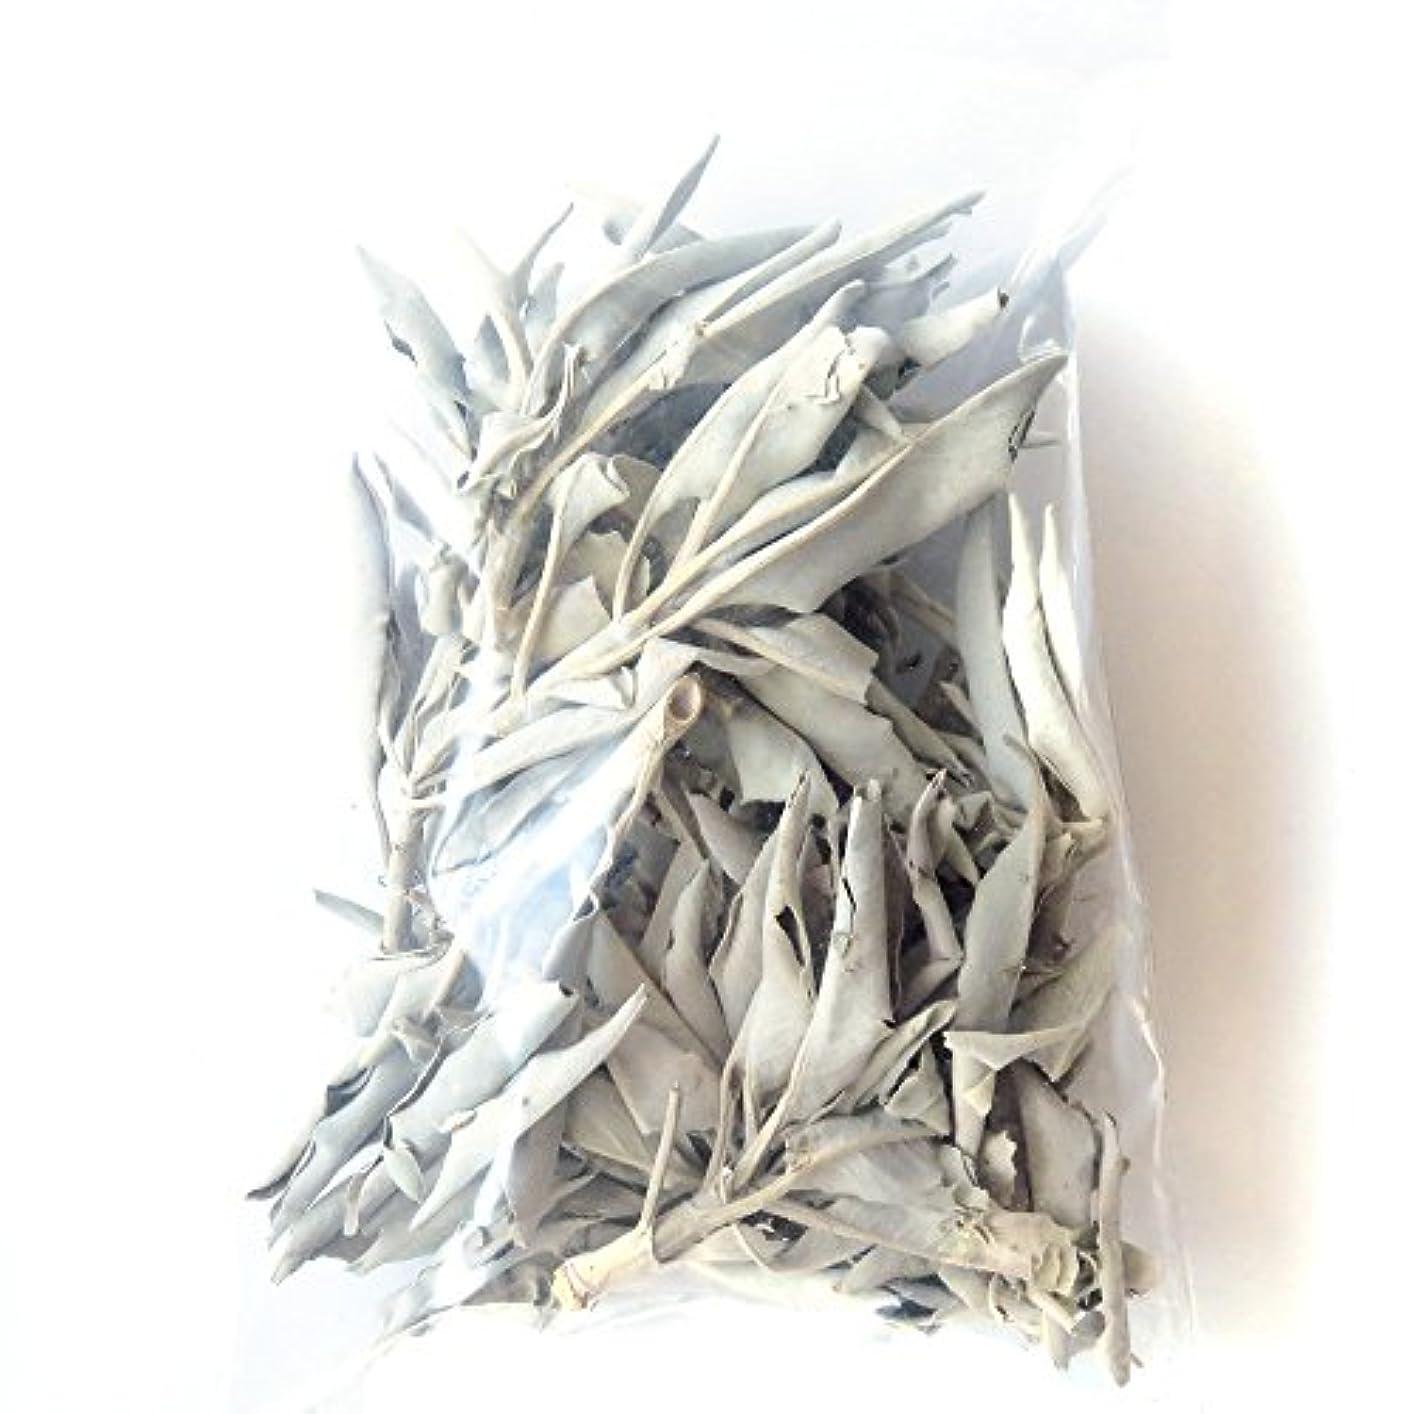 睡眠一部間違っているホワイトセージ 無農薬 カルフォルニア産 30g前後 (枝付き)